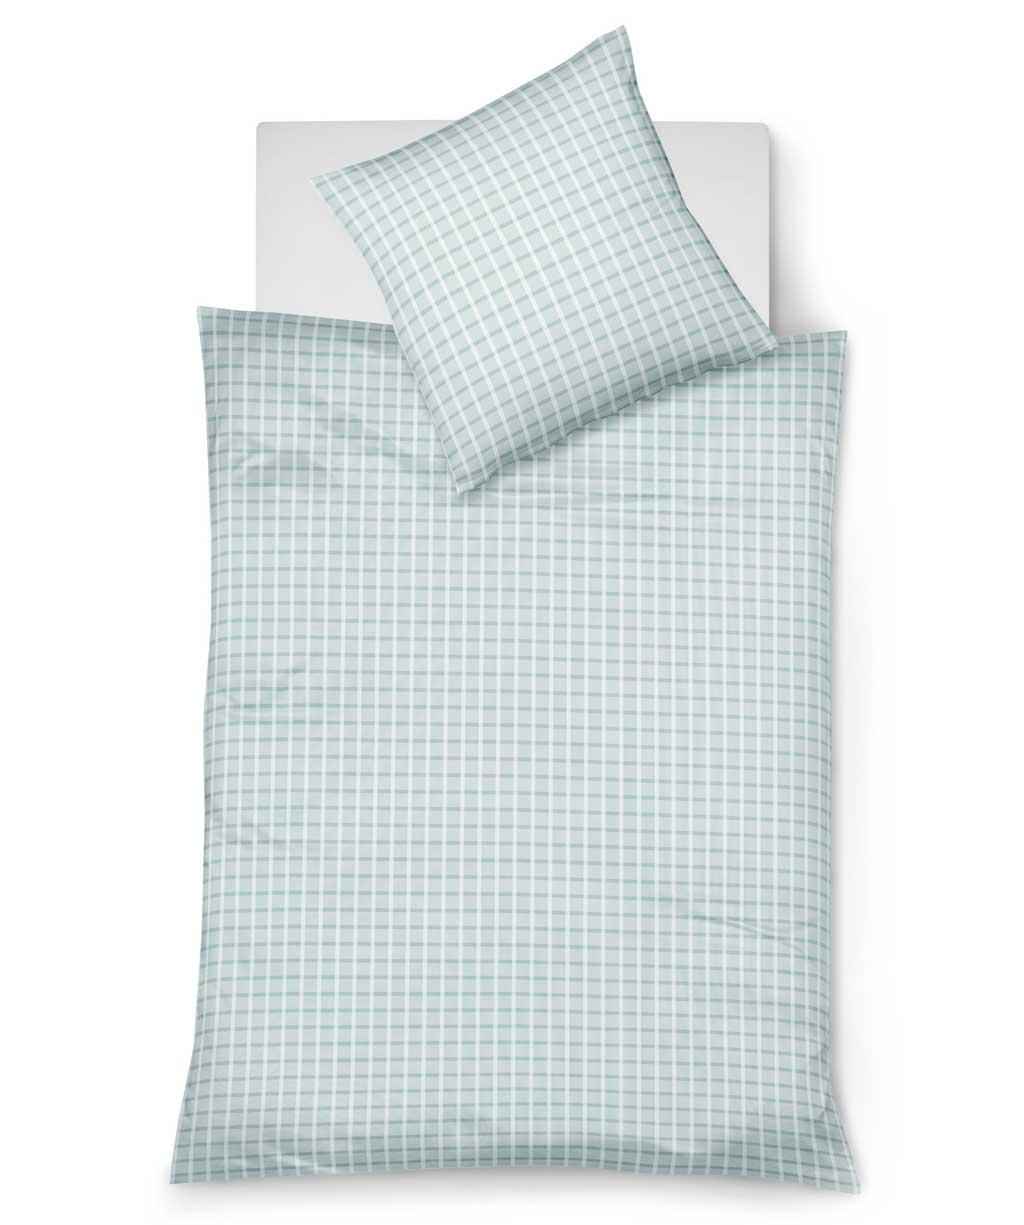 Elegante Sommerbettwäsche aus bügelfreiem Seersucker in Grau